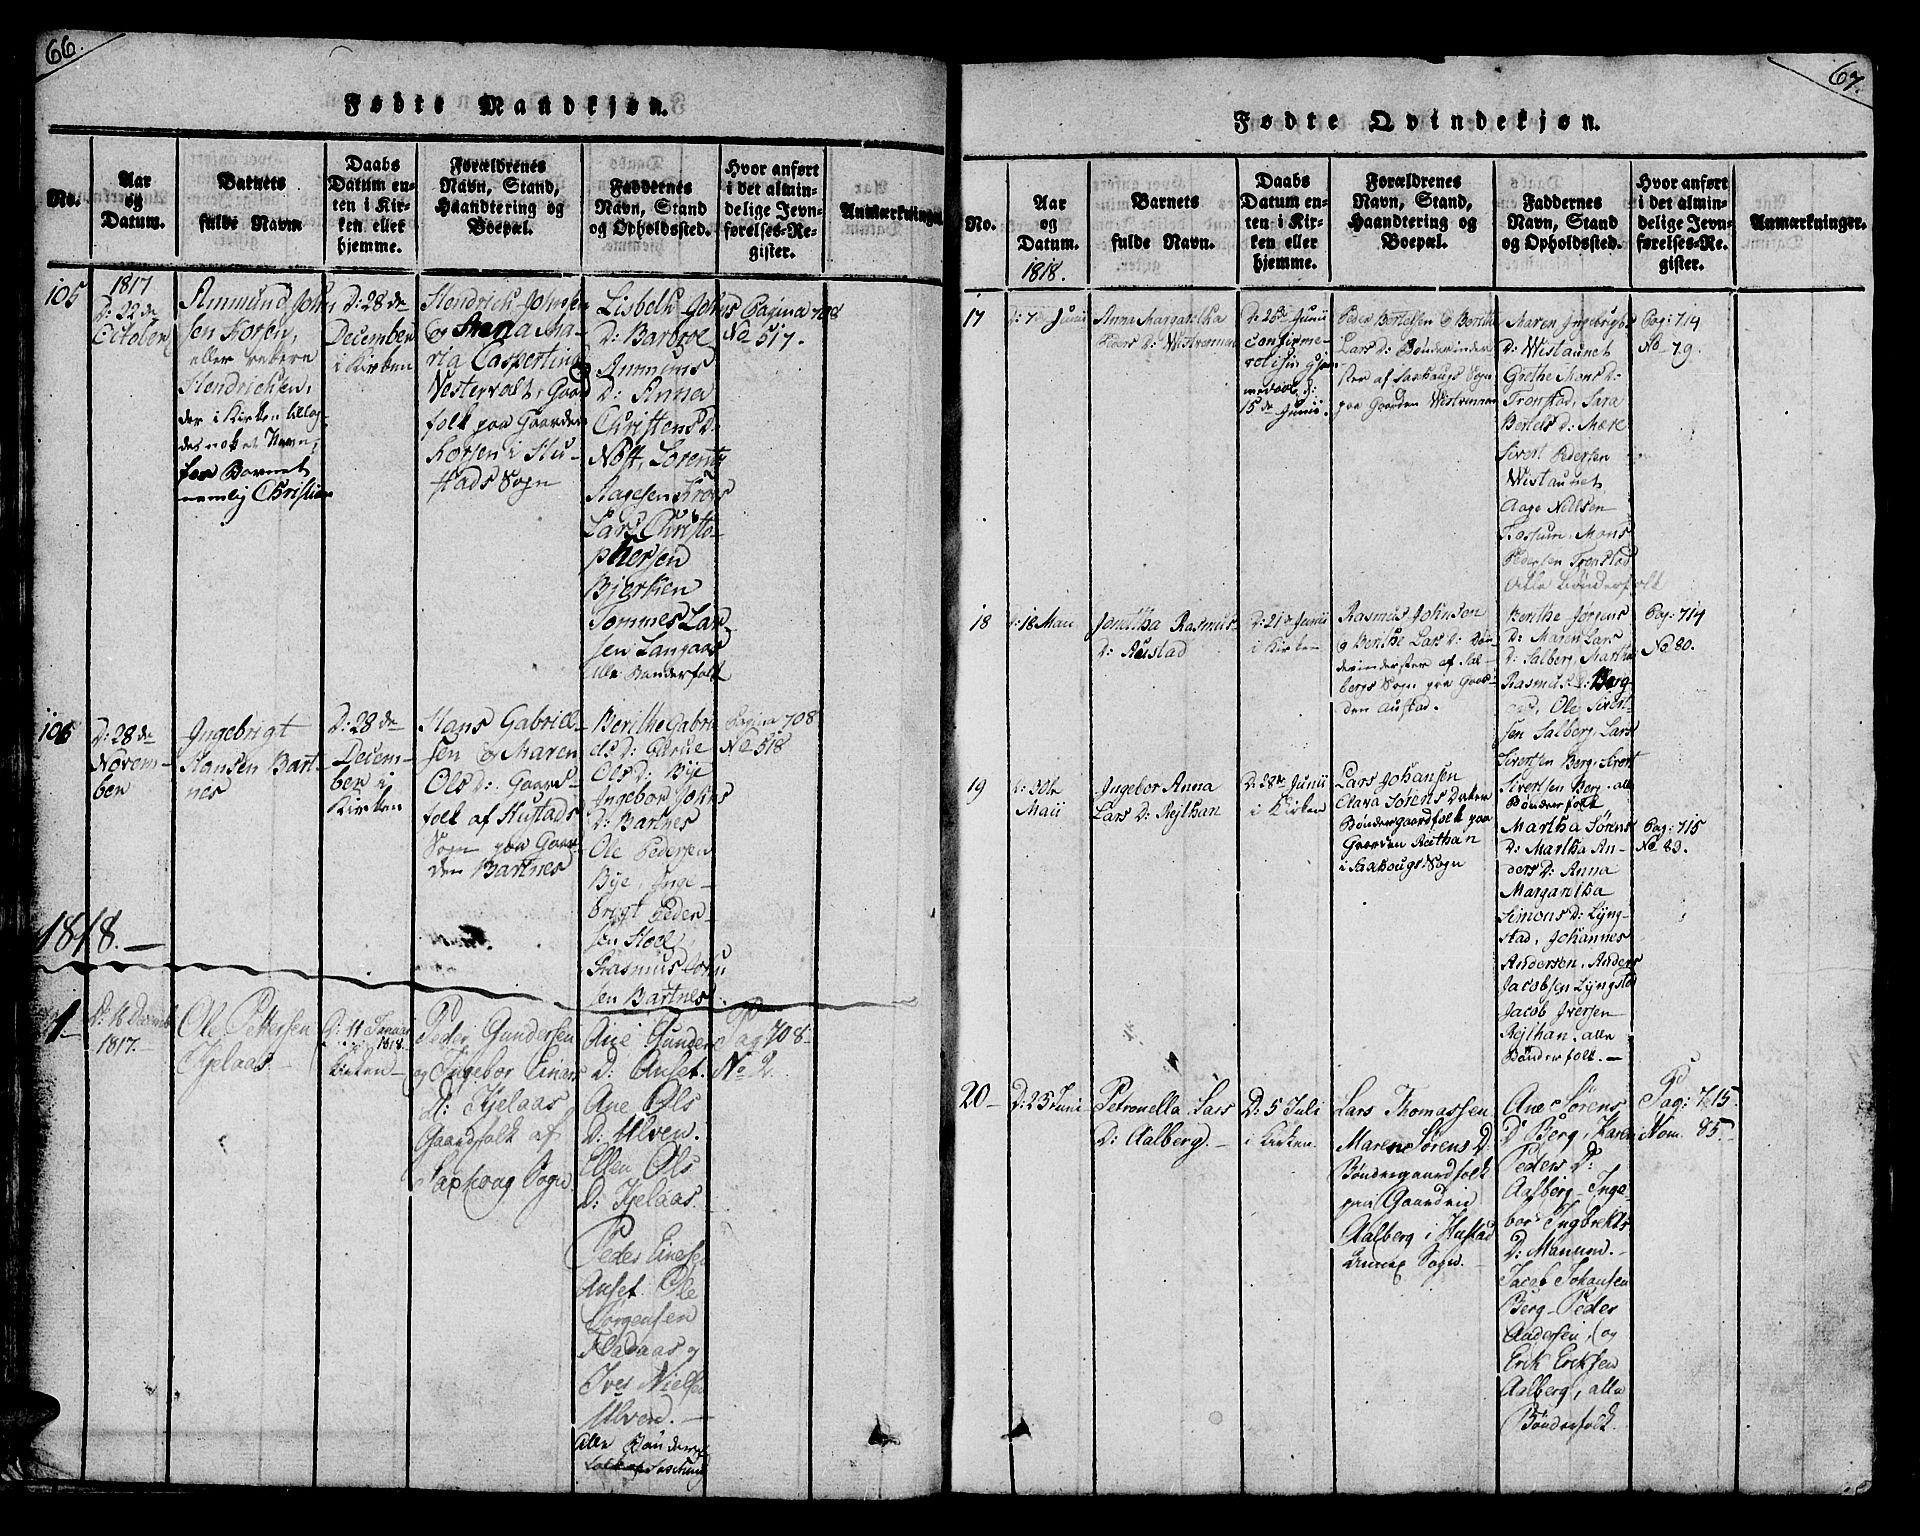 SAT, Ministerialprotokoller, klokkerbøker og fødselsregistre - Nord-Trøndelag, 730/L0275: Ministerialbok nr. 730A04, 1816-1822, s. 66-67